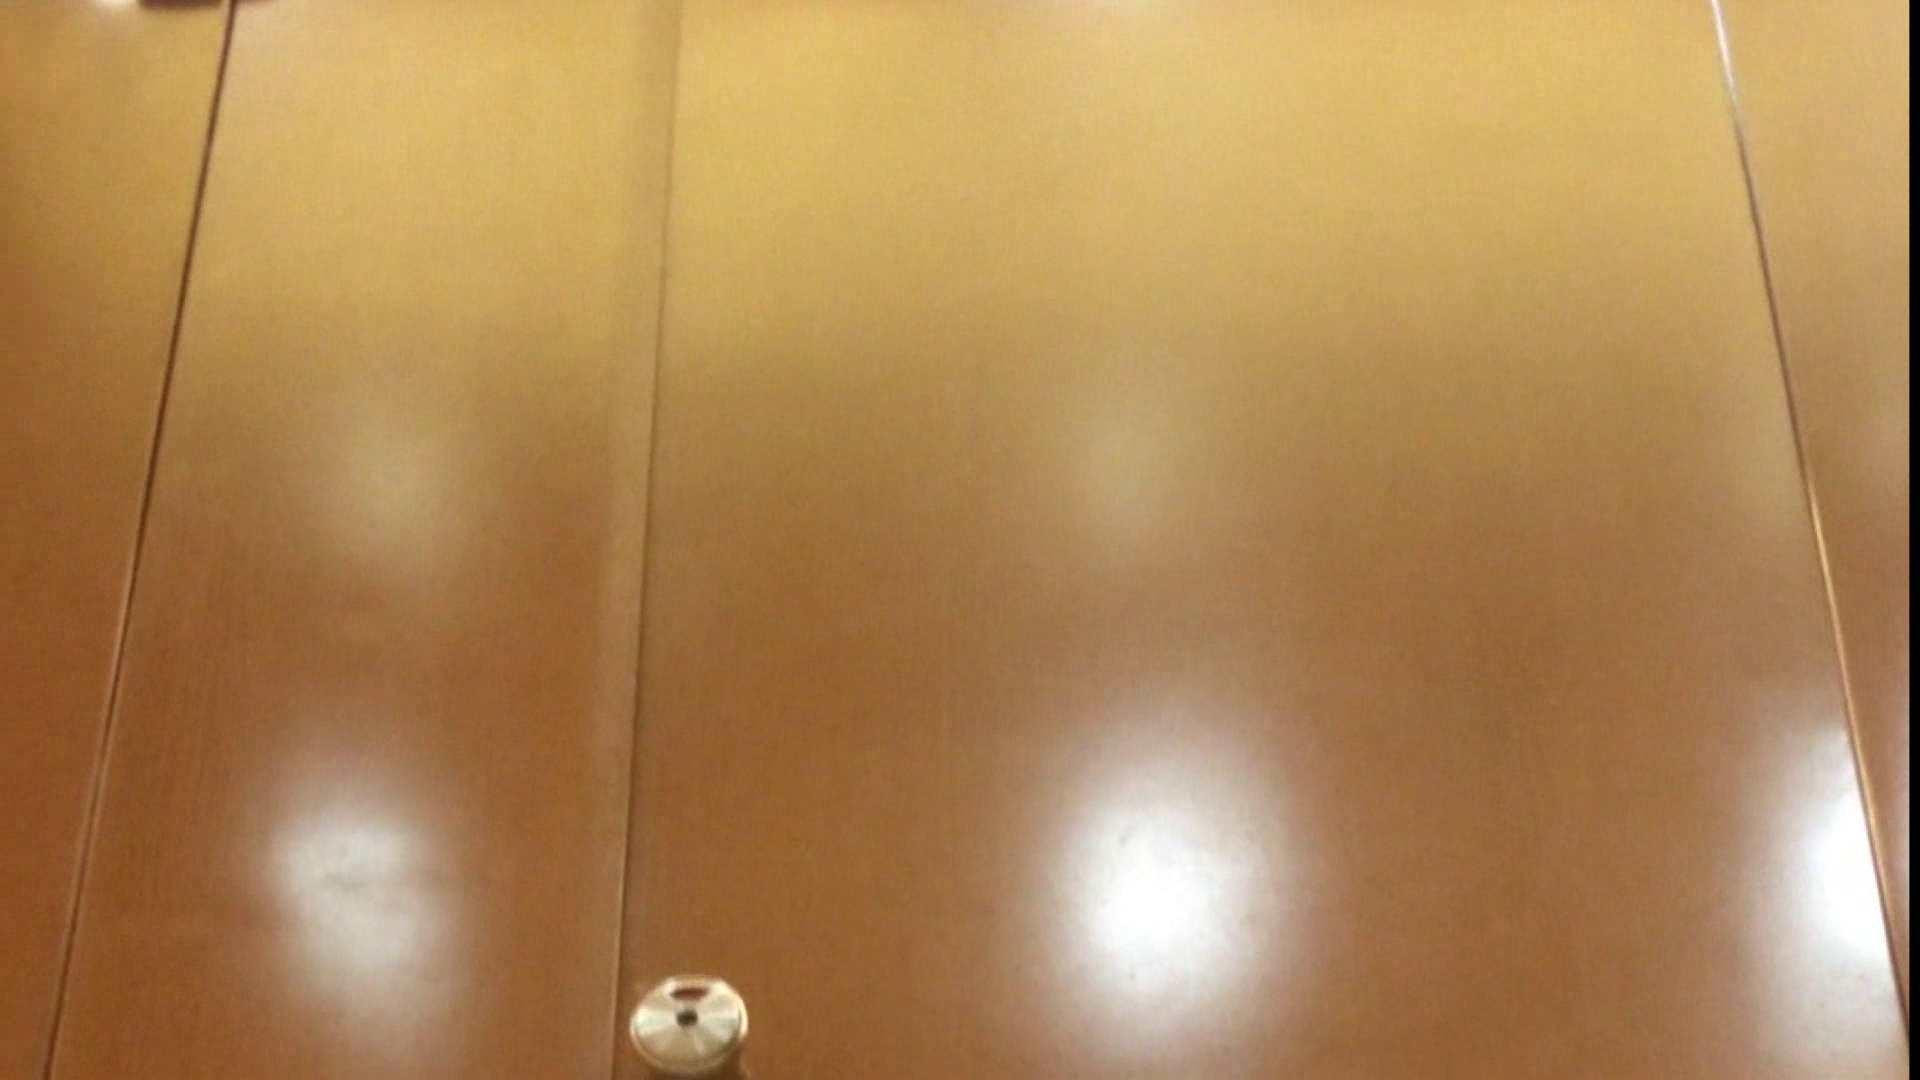 「噂」の国の厠観察日記2 Vol.01 人気シリーズ  109pic 8